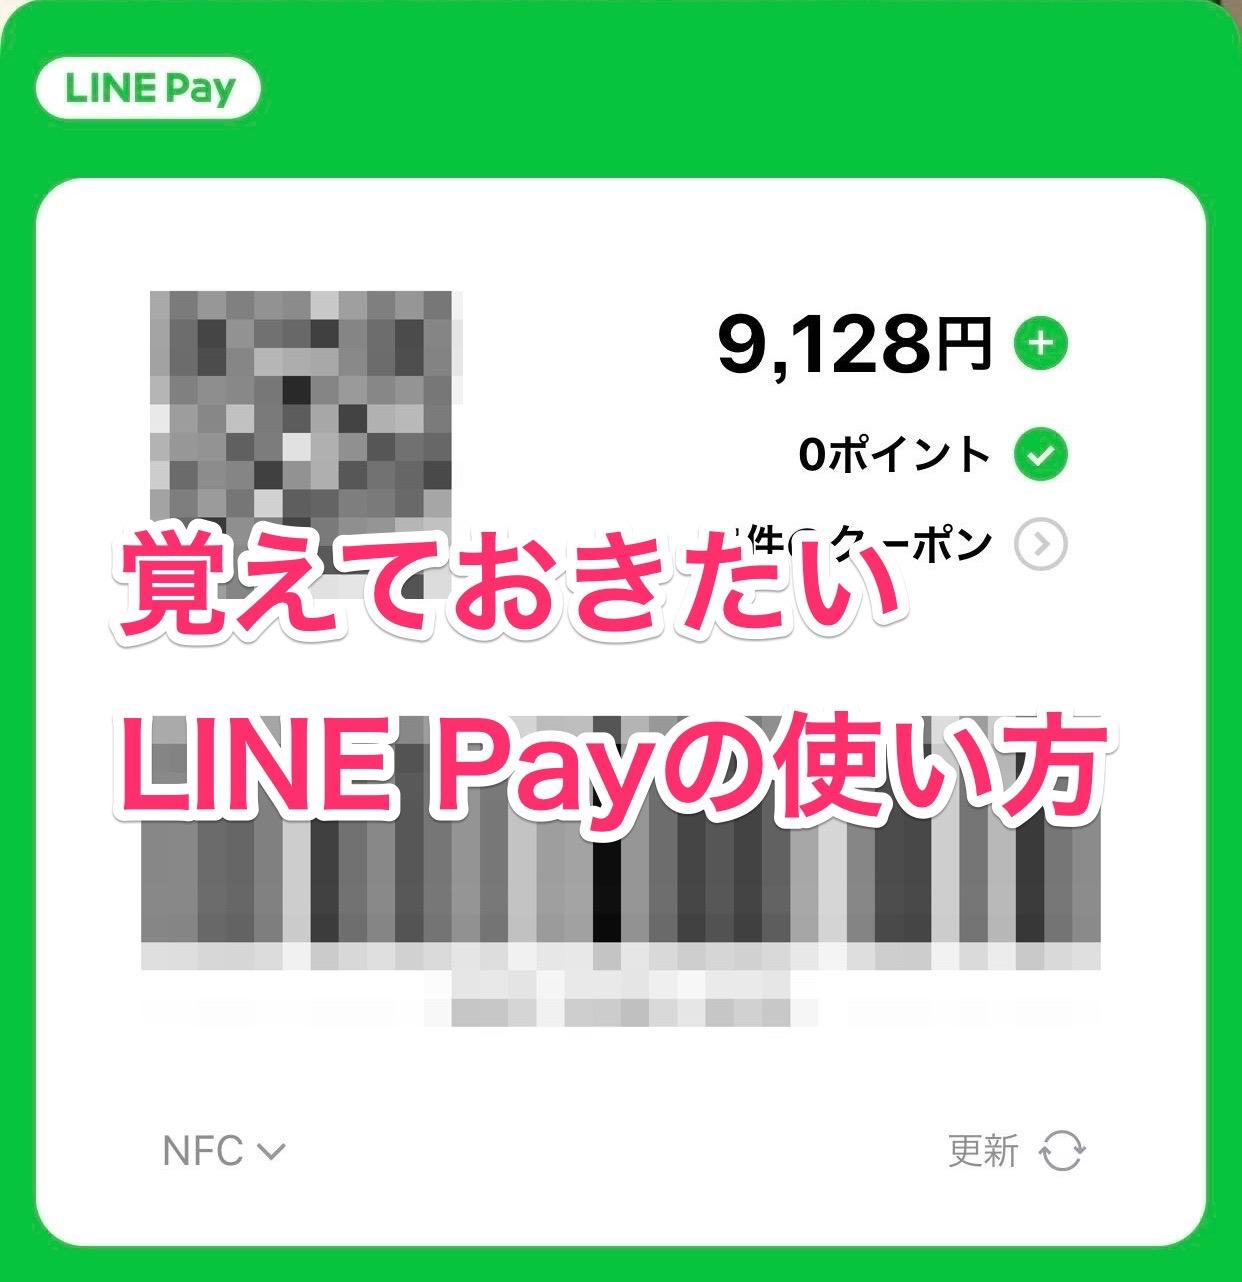 【便利】始めたばかりの人に伝えたい「LINE Pay」の使い方【保存版】